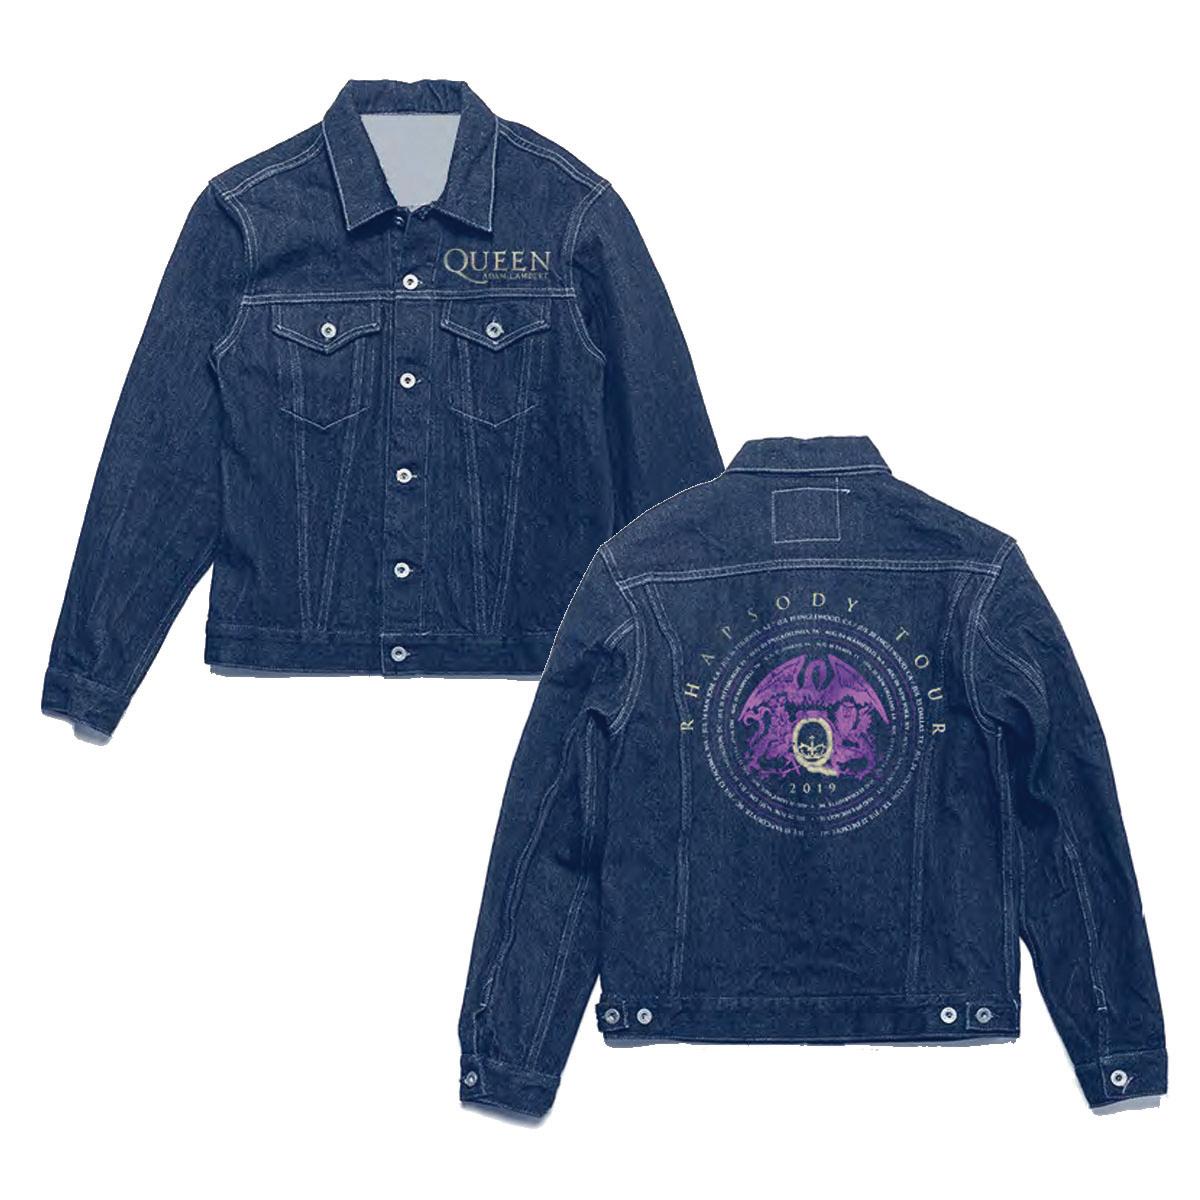 Rhapsody Tour Denim Jacket